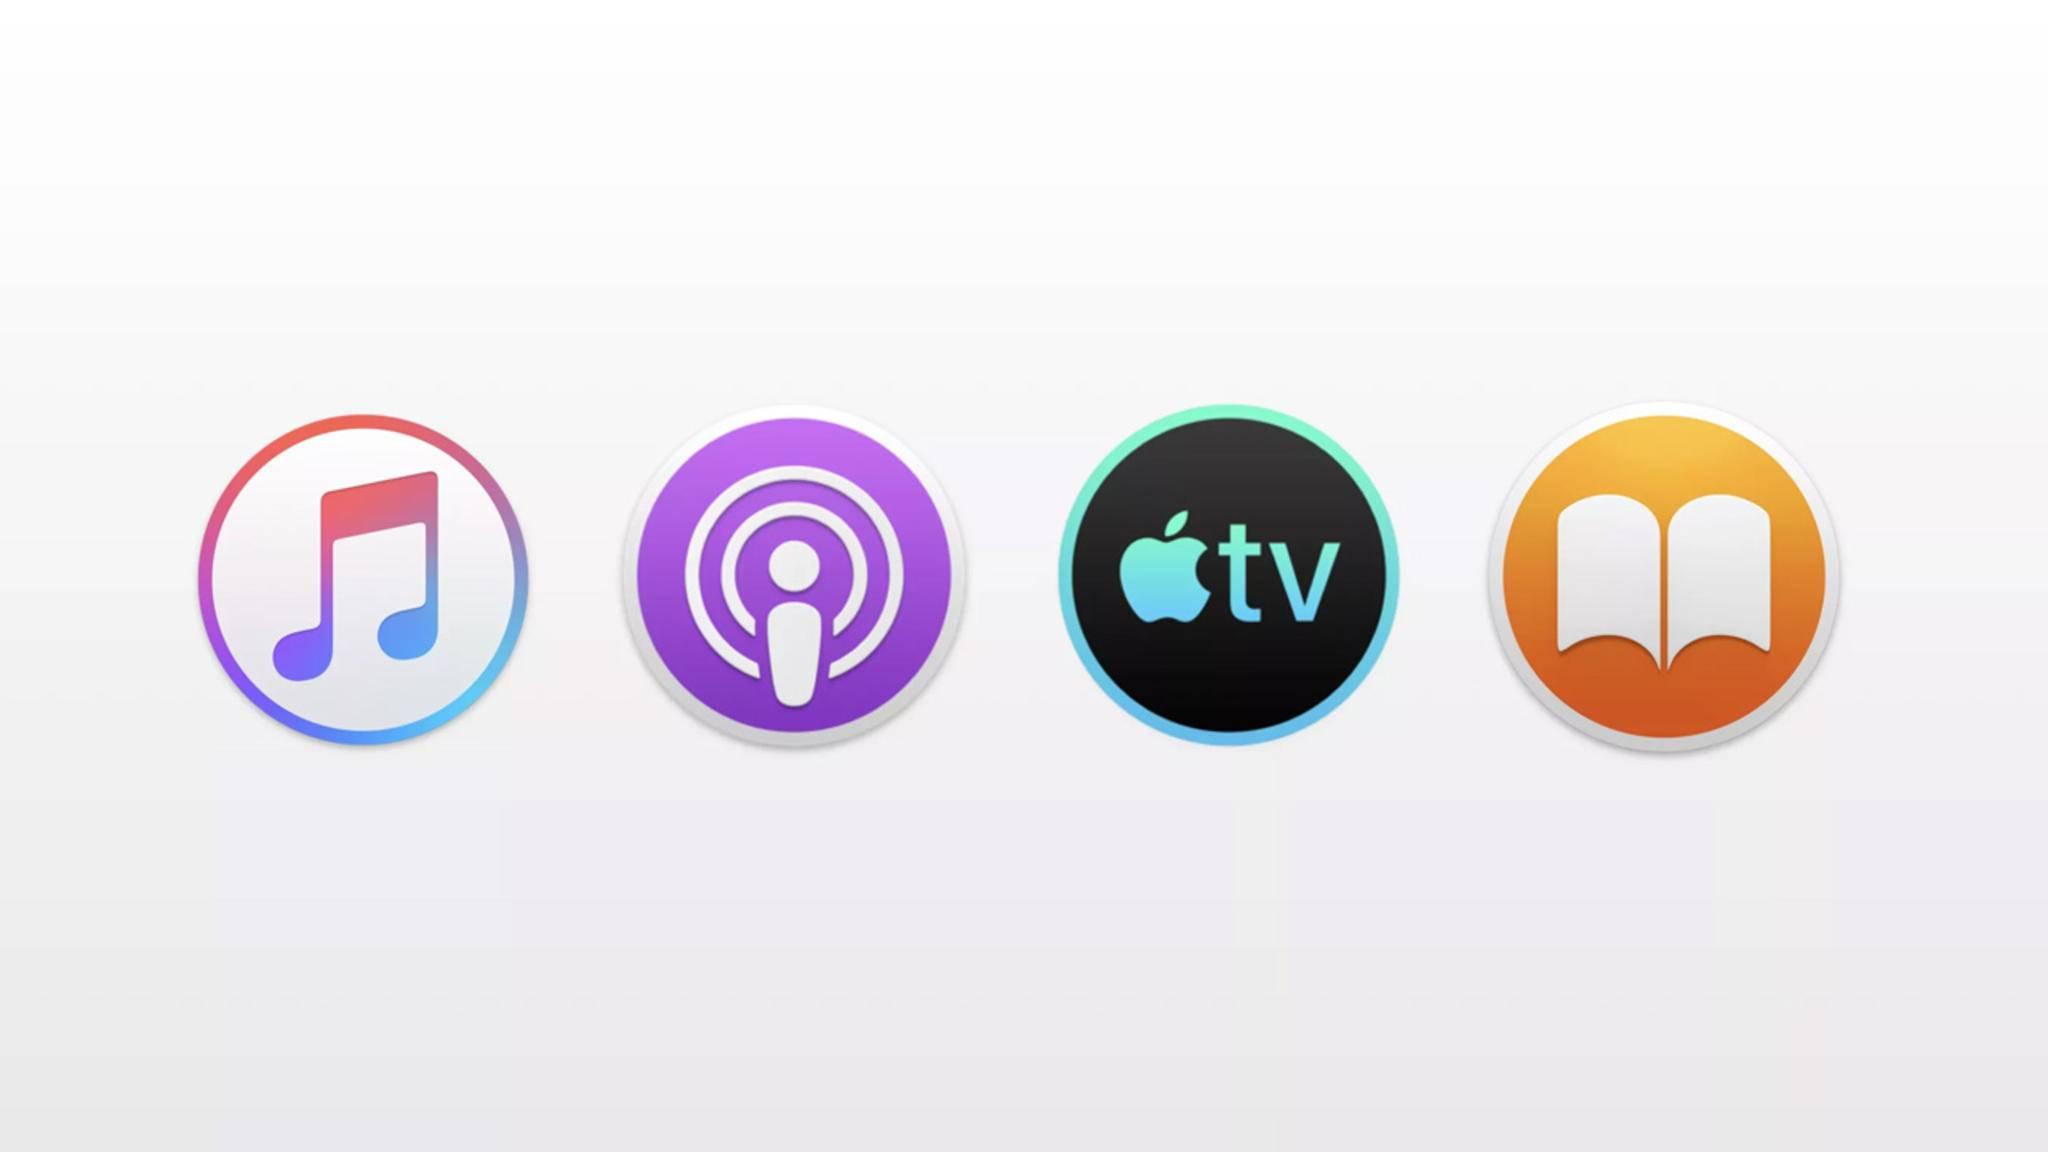 Apple plant neue macOS-Apps und ein großes Redesign für bestehende.